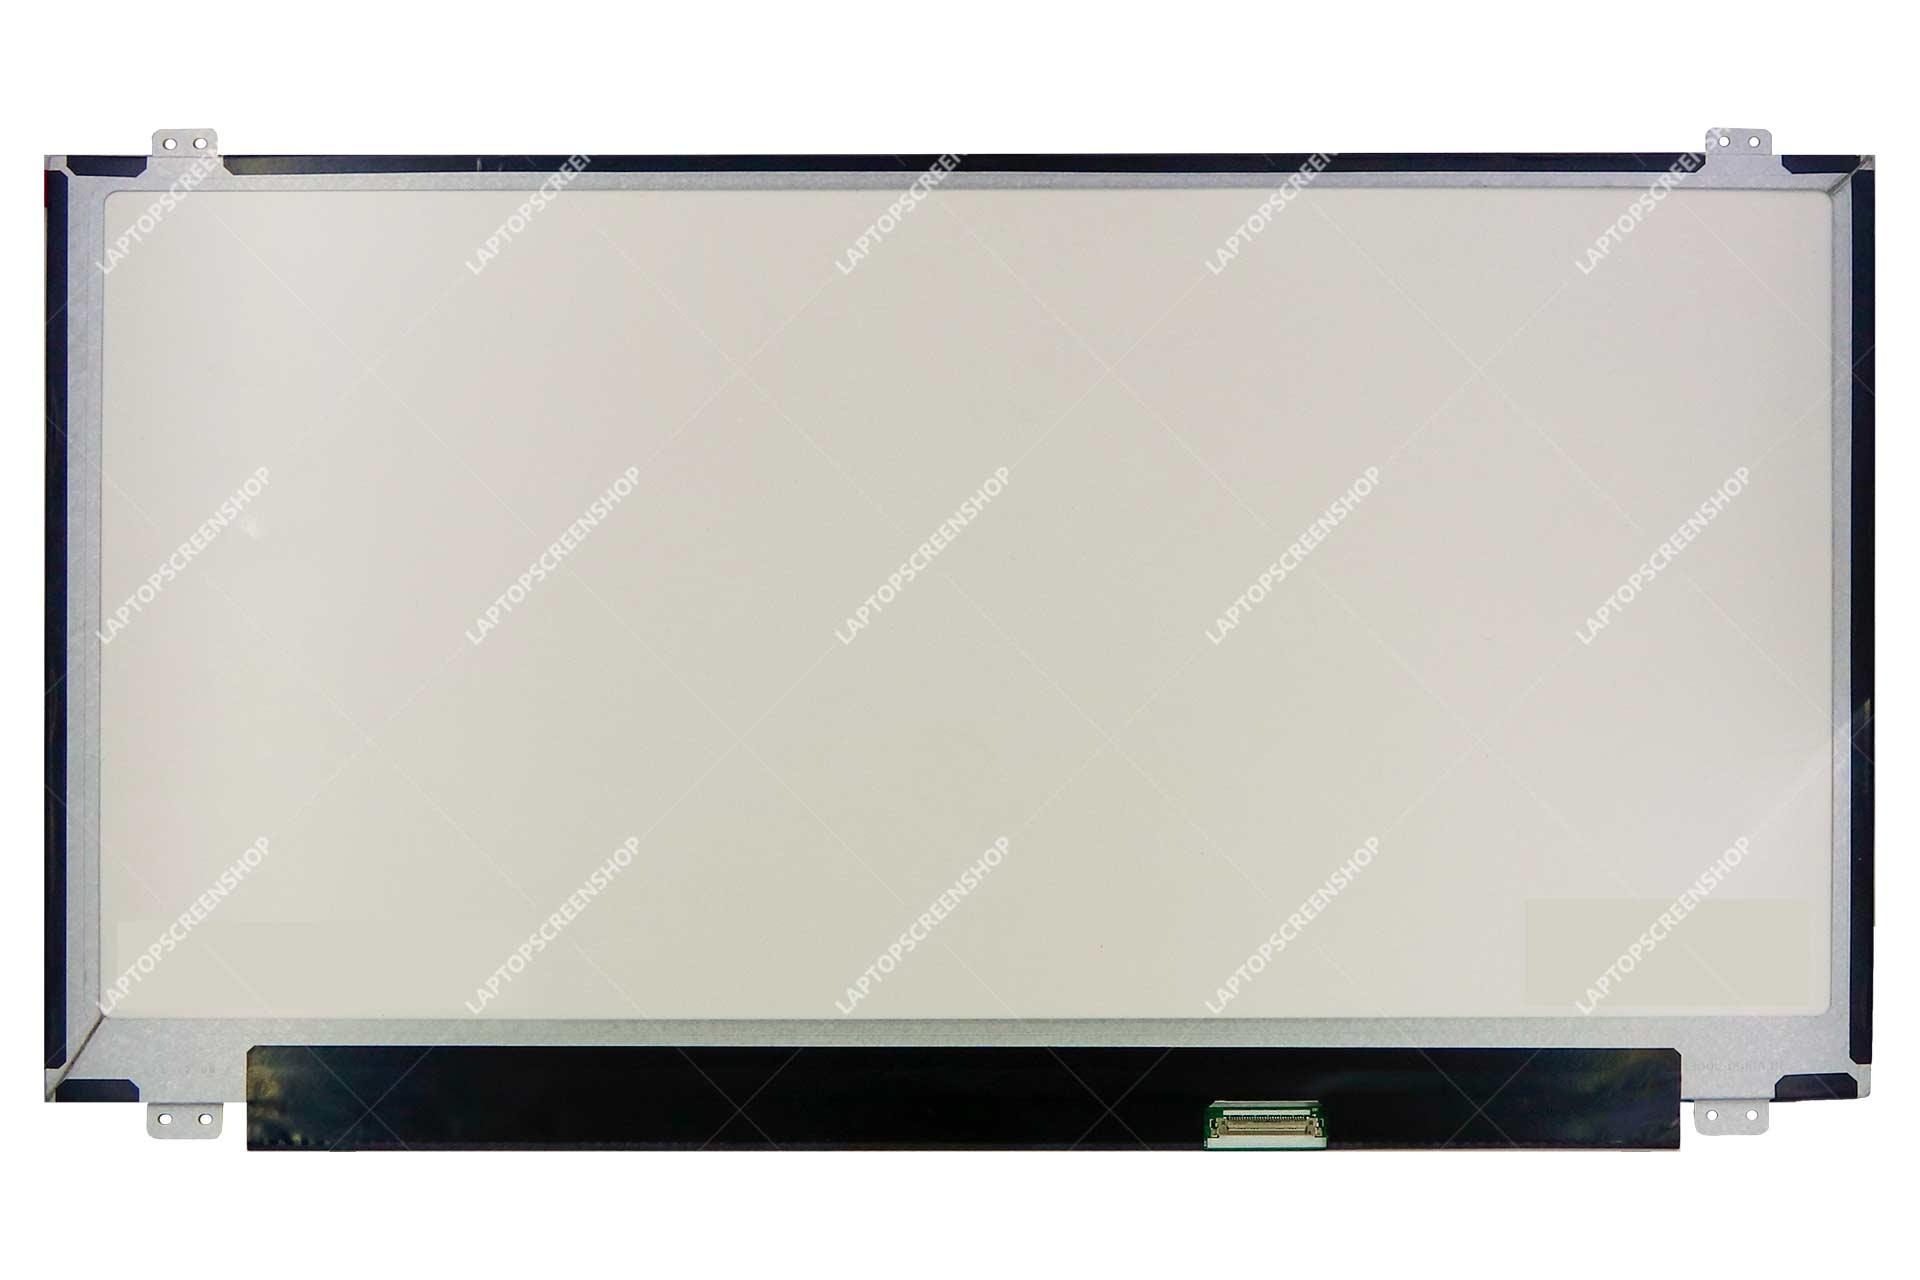 ACER-ASPIRE-E15- E5-532 -P0S6-LCD |HD|فروشگاه لپ تاپ اسکرين | تعمير لپ تاپ